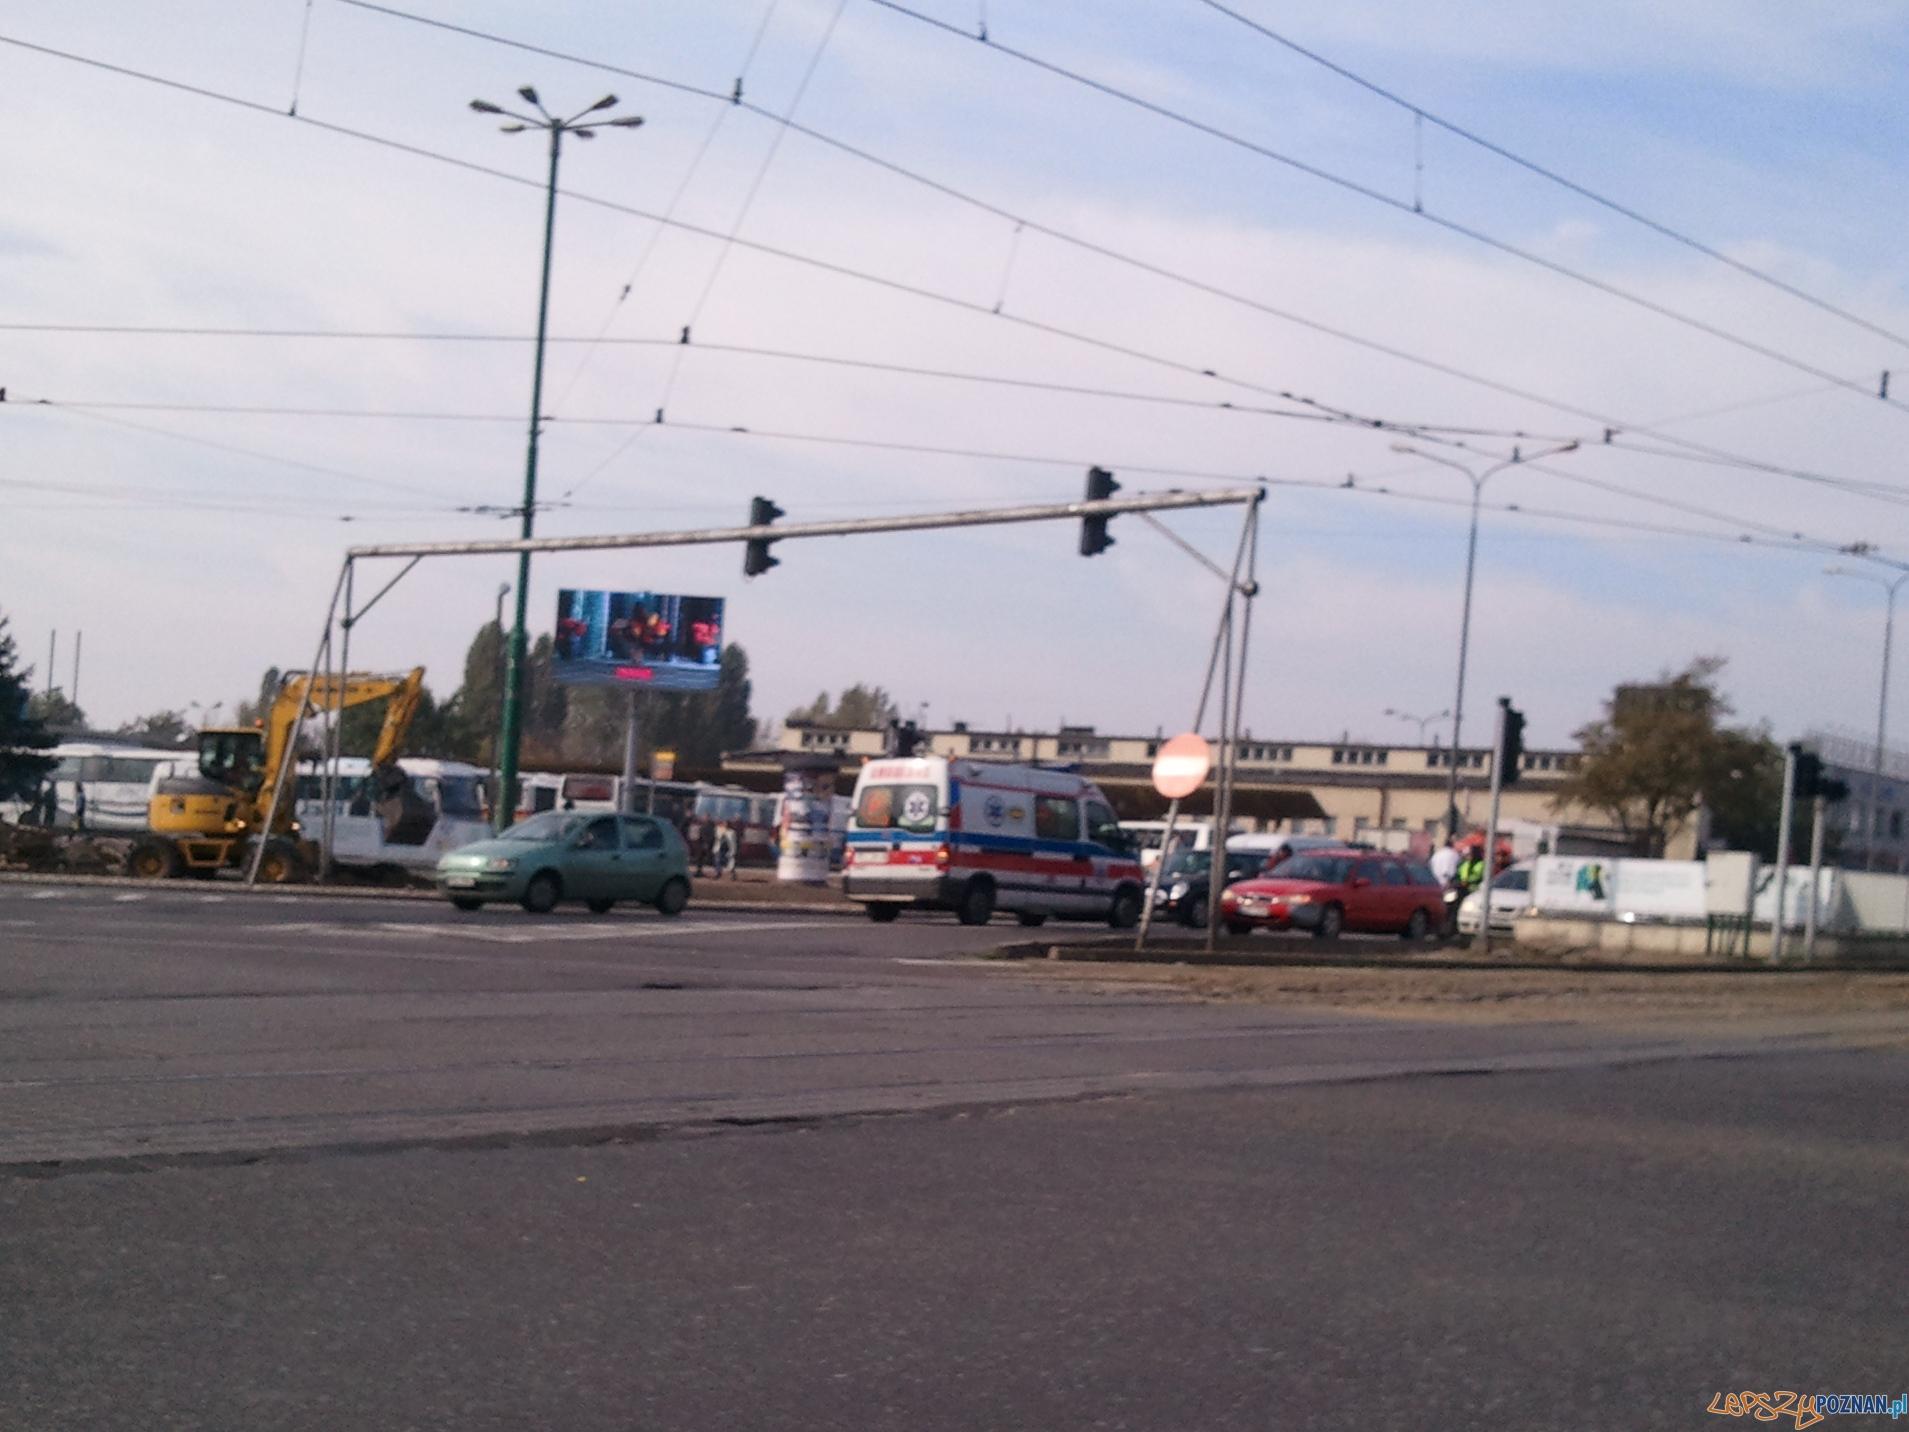 Wypadek na Towarowej  Foto: Piotr/gsm